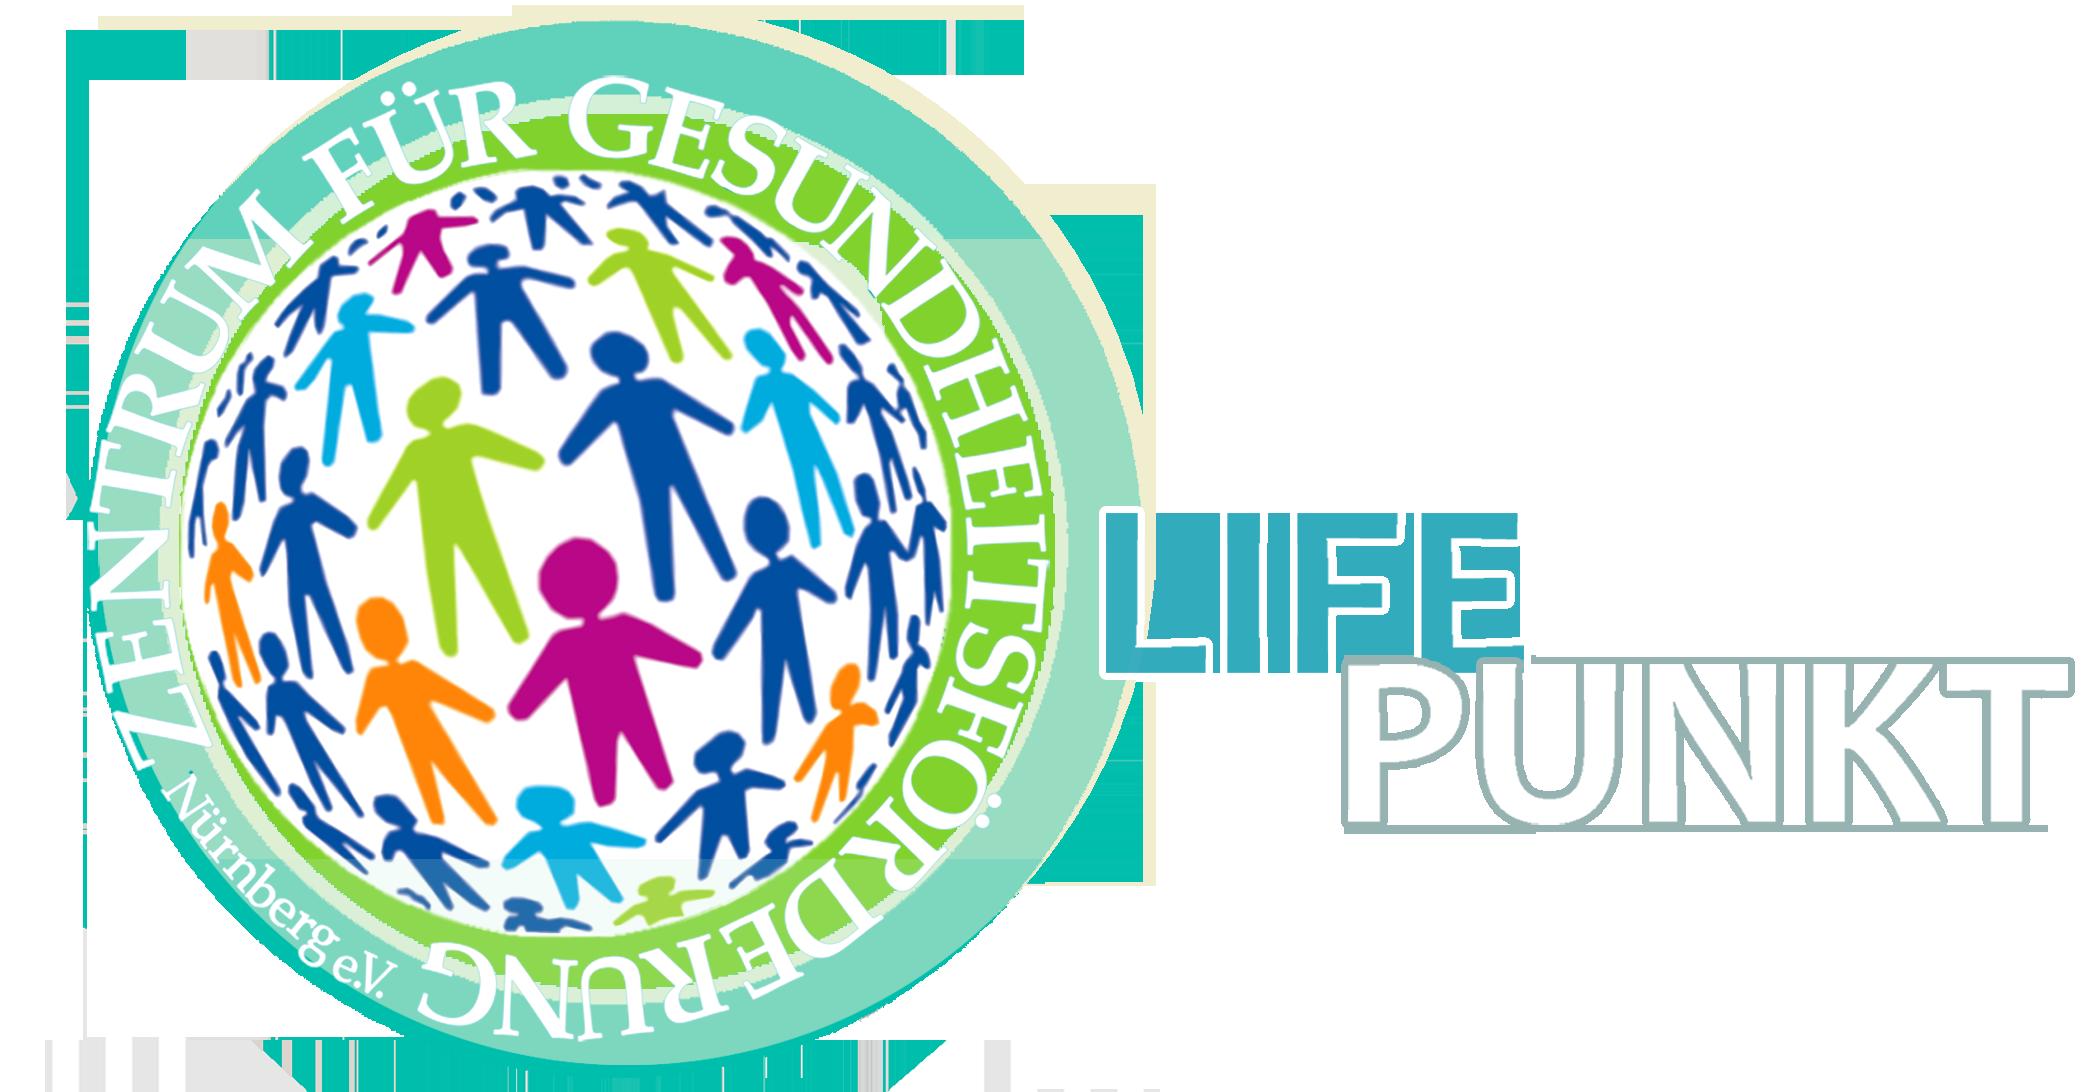 LIFE PUNKT | Aus RESONANZ Media-Netzwerk